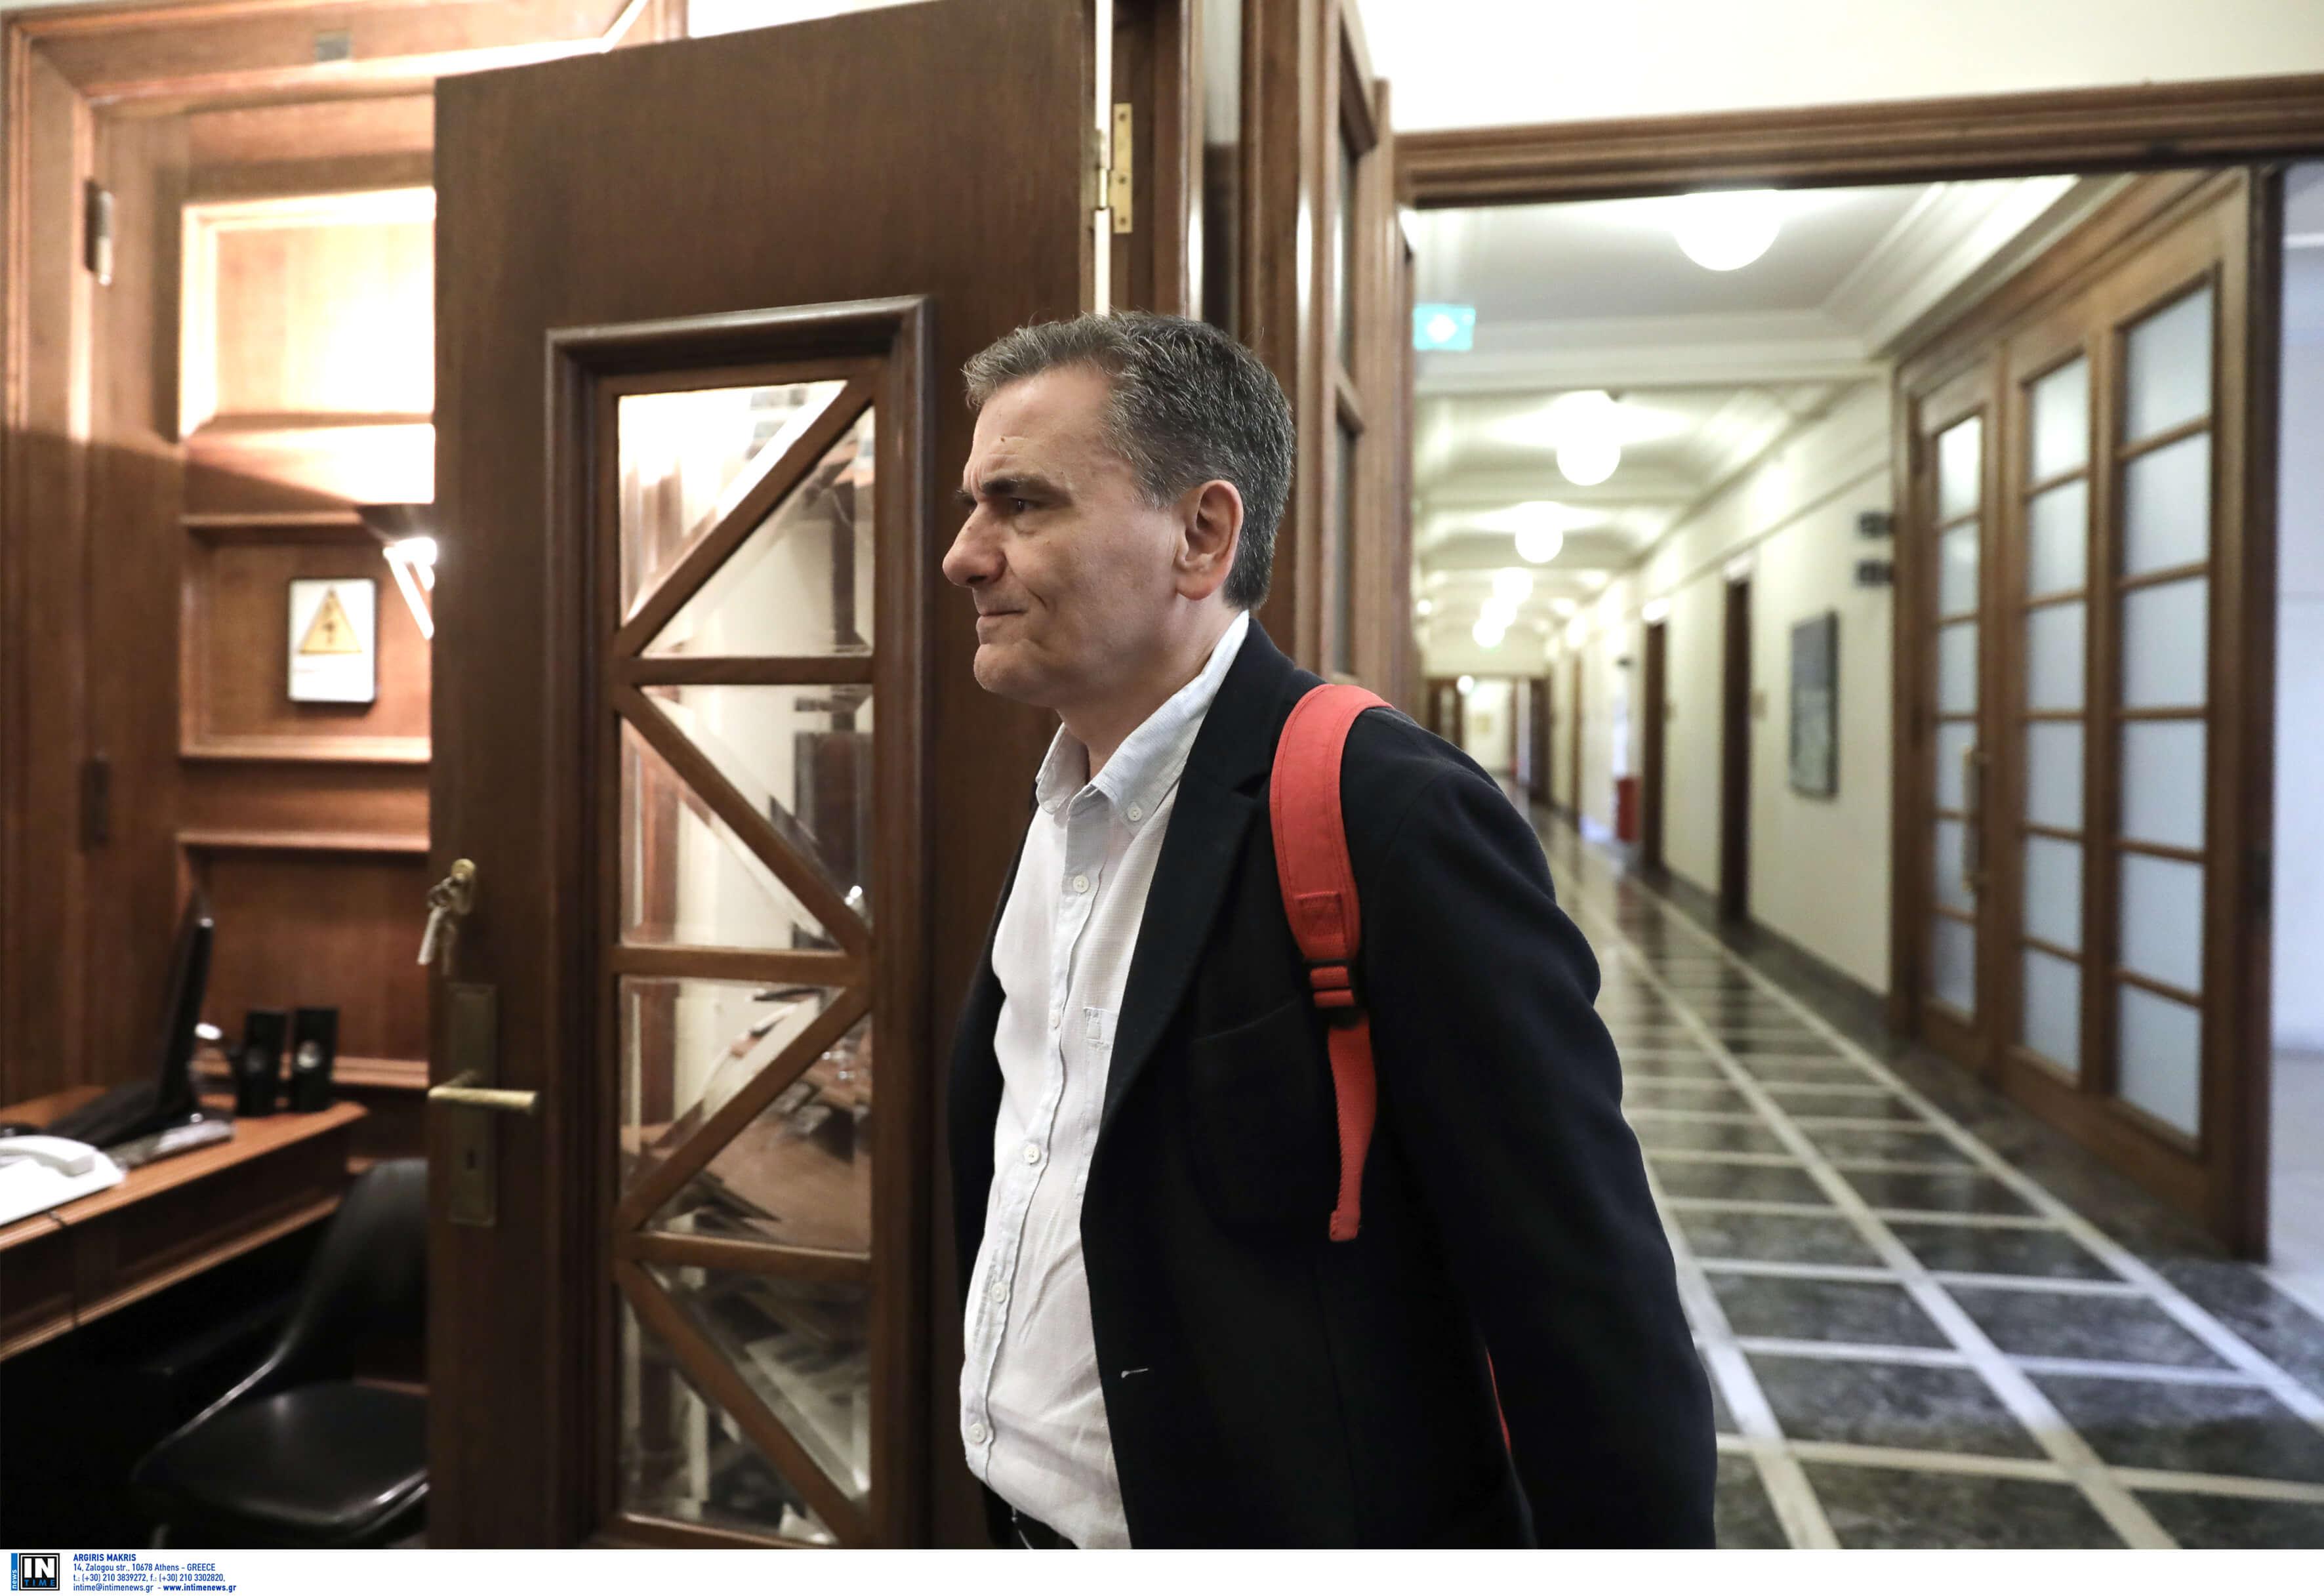 Τσακαλώτος: Ο Ρέγκλινγκ λέει ανοησίες – Αν ήταν φοιτητής μου θα τον έκοβα